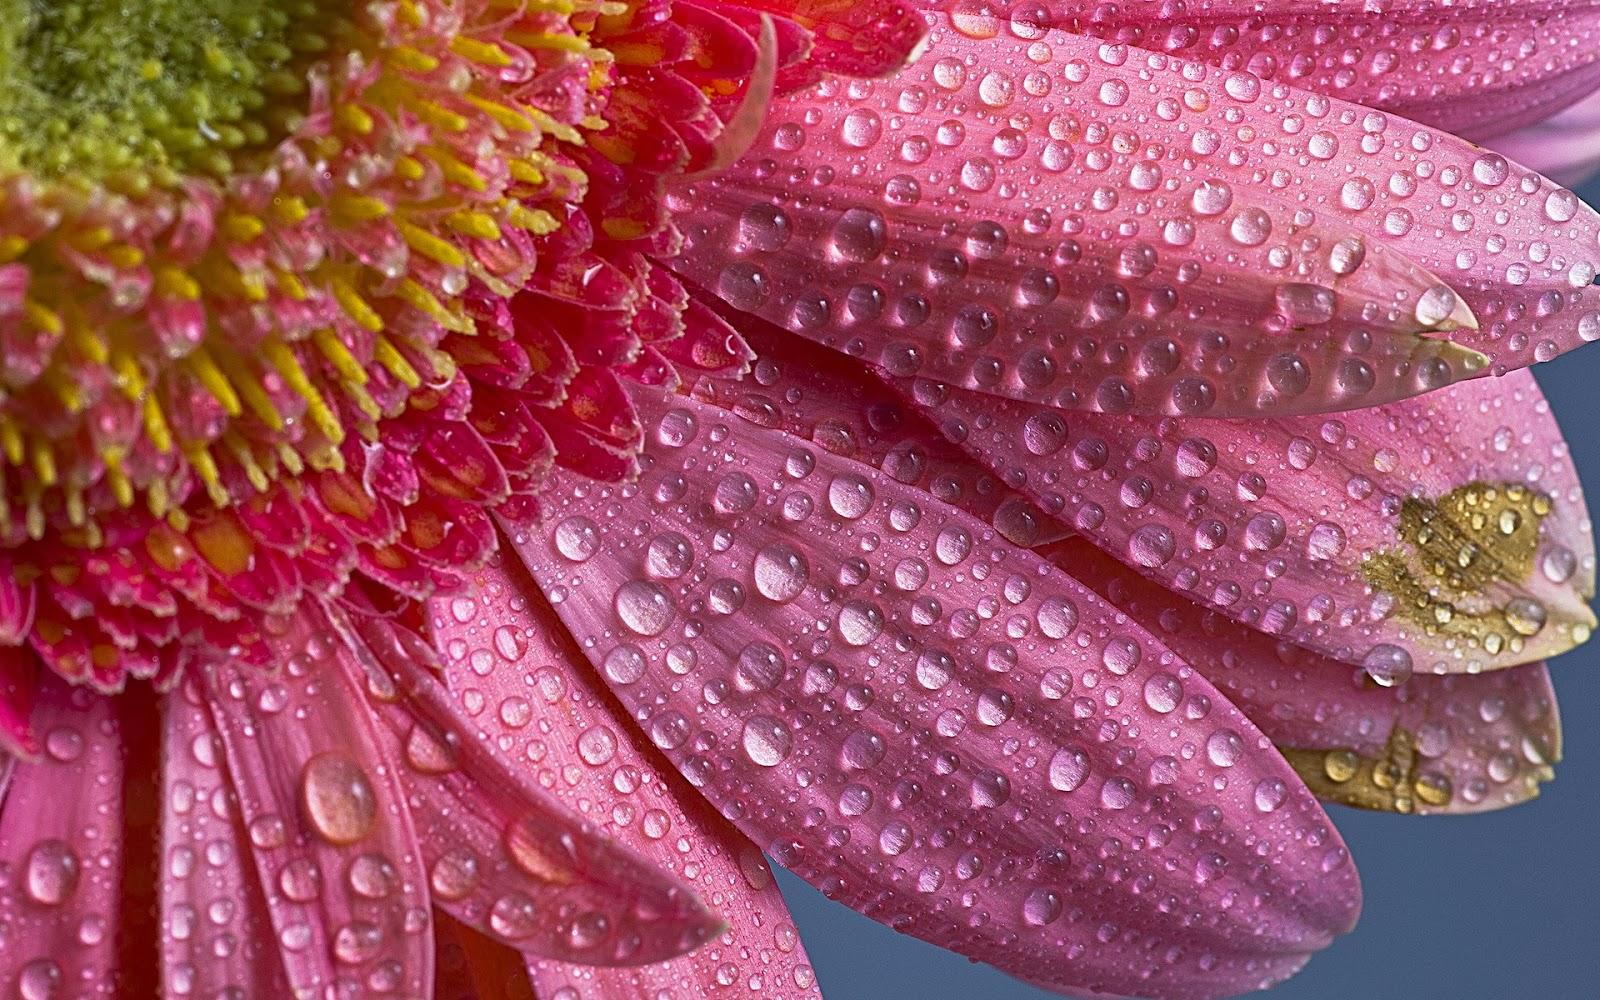 flower water drops - Angelic Hugs